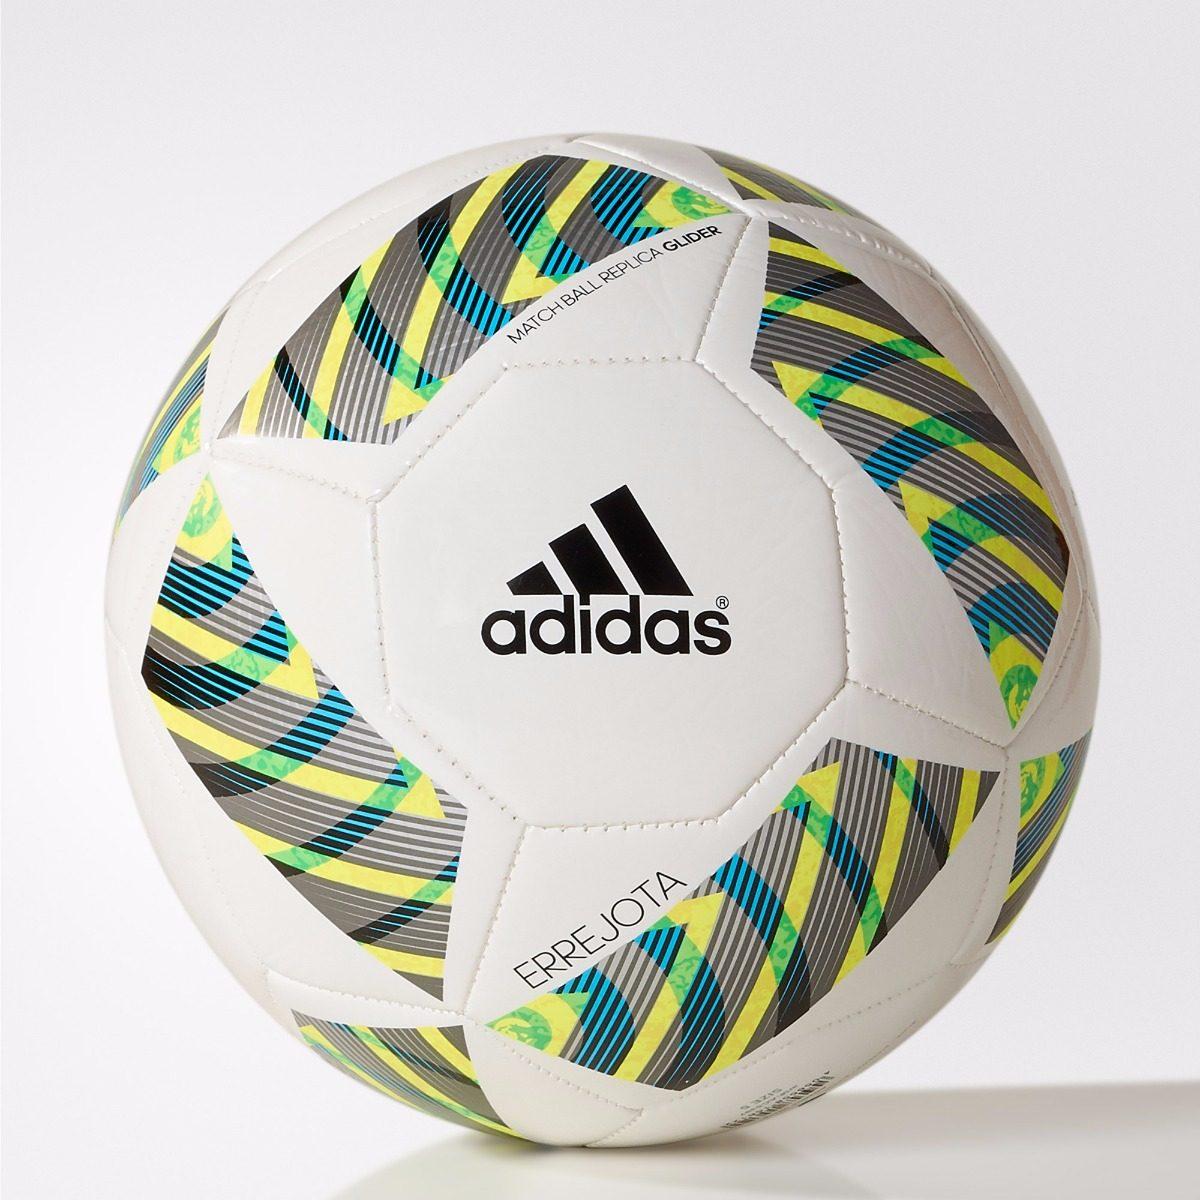 f2d093680 Bola adidas Futebol De Campo Couro Branca Oficial Errejota - R$ 120,00 em  Mercado Livre